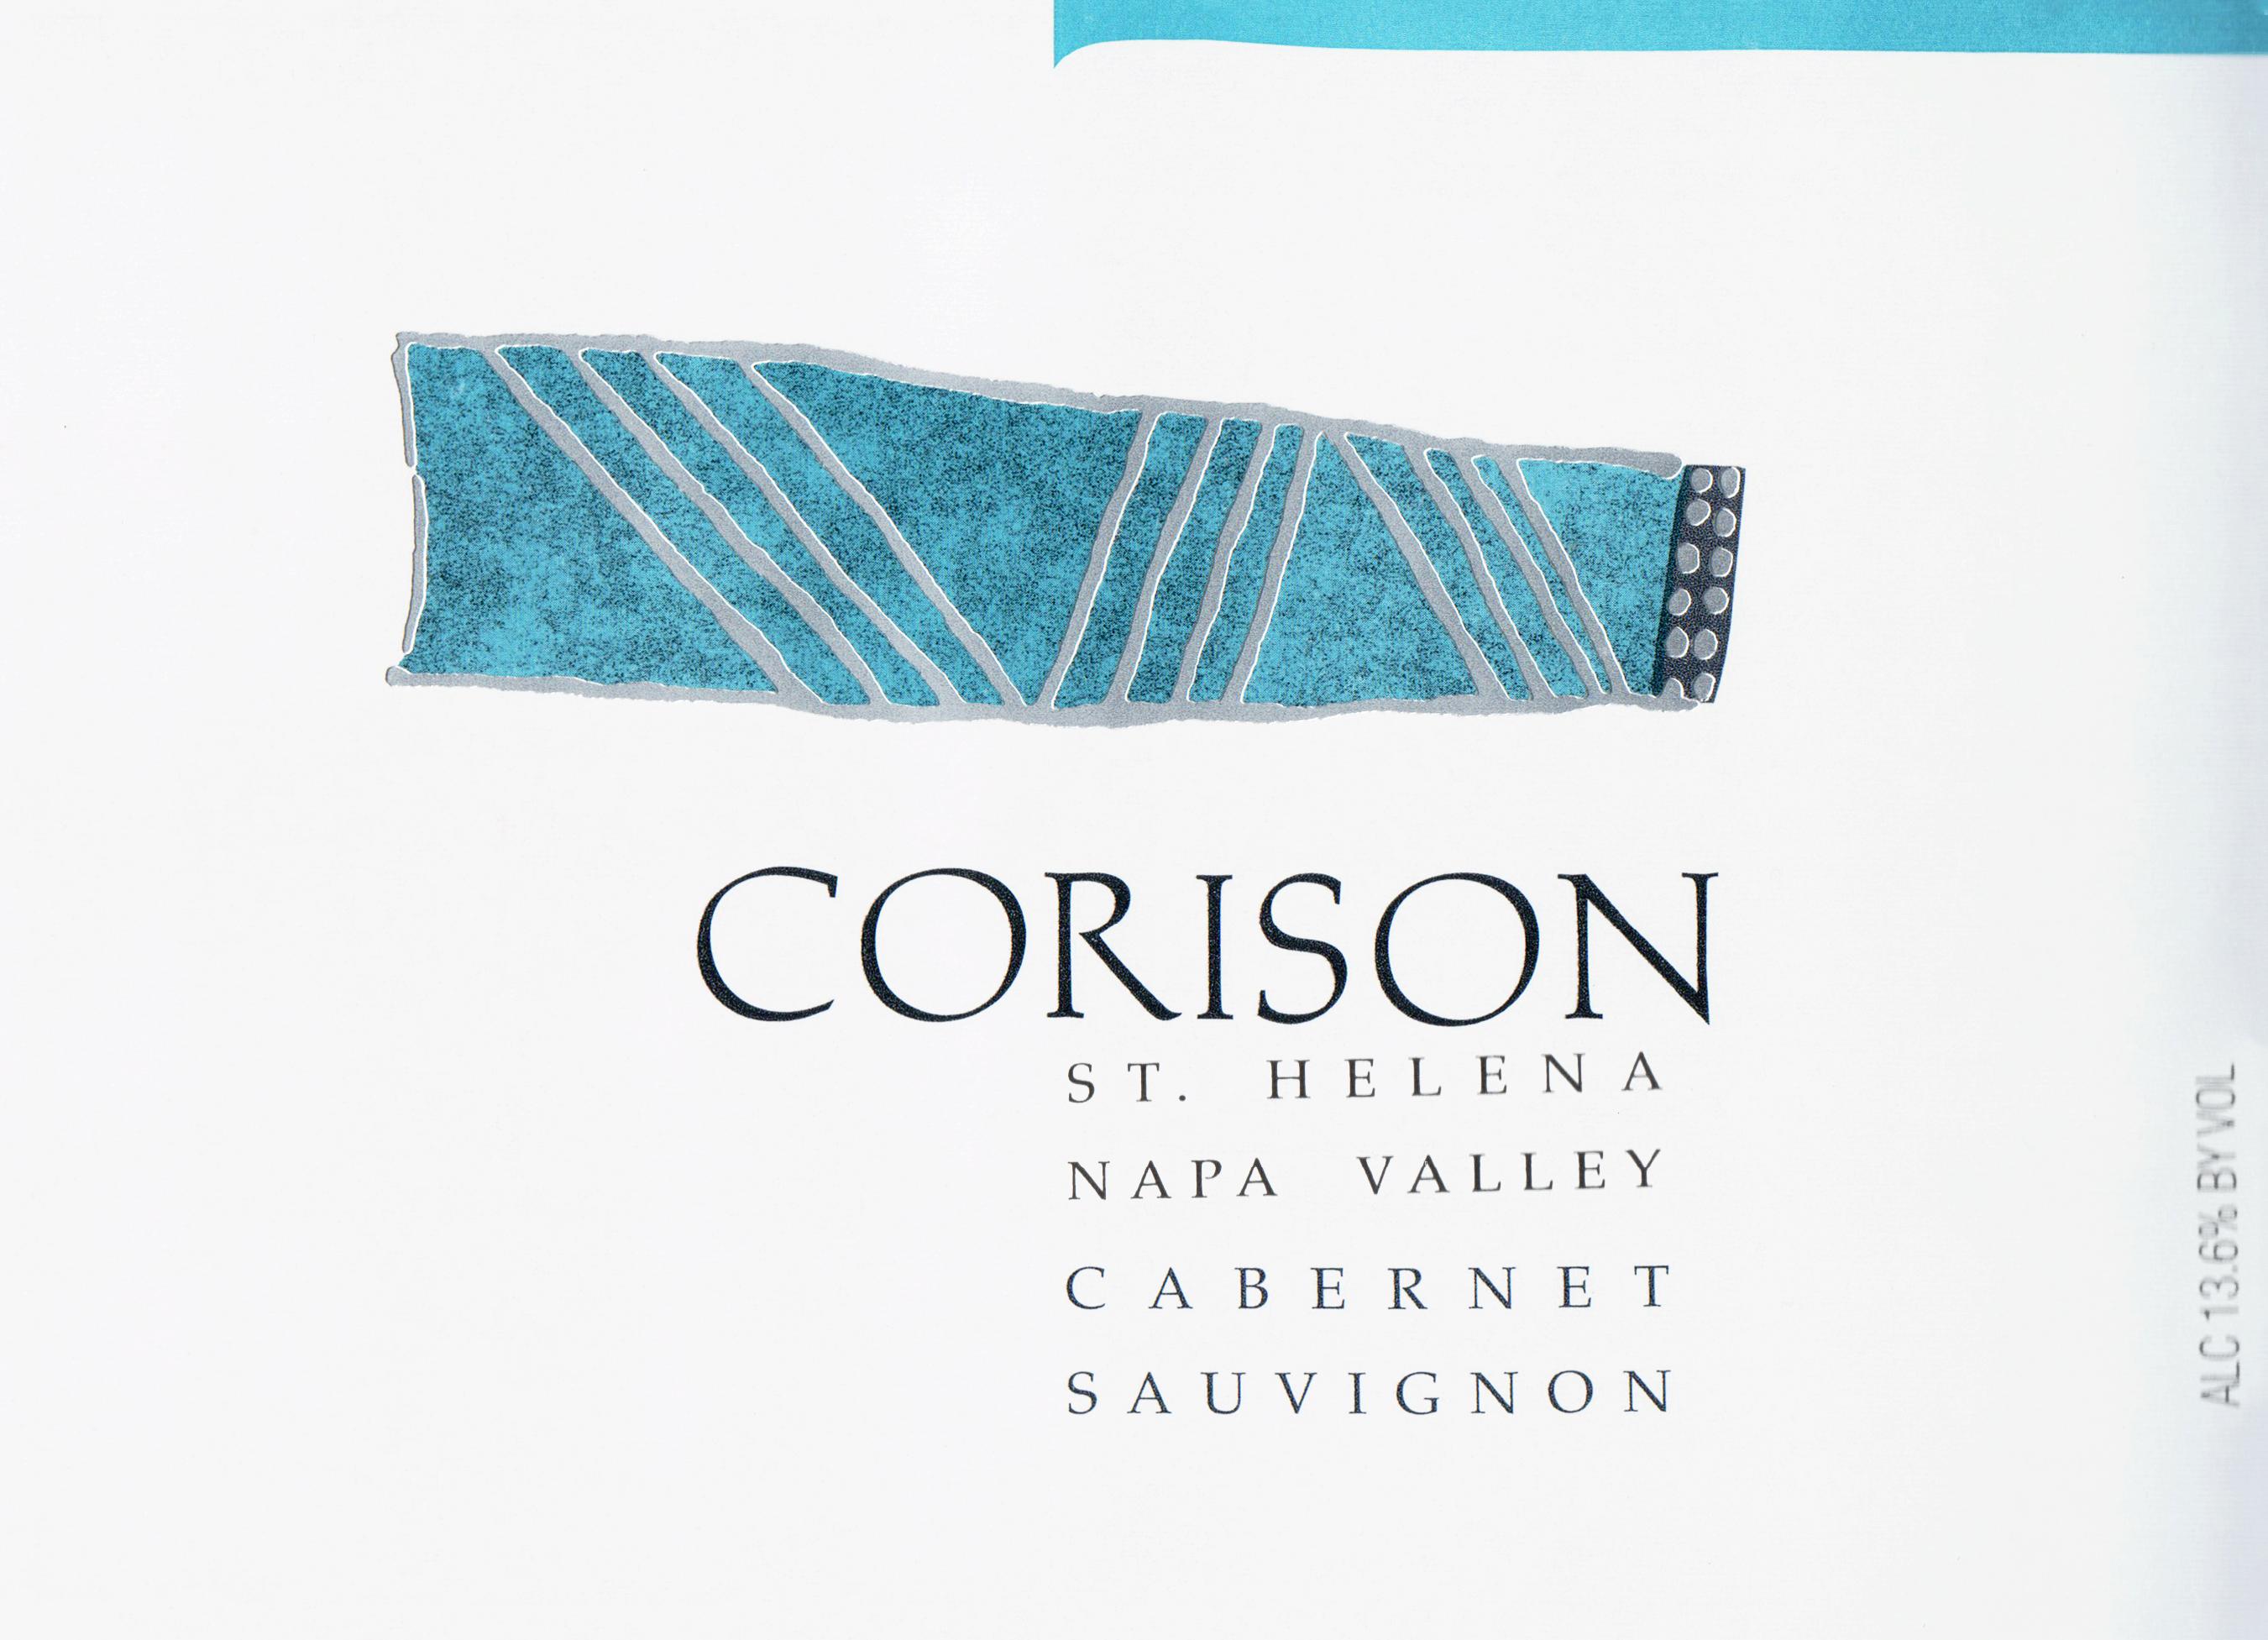 Corison Napa Valley Cabernet Sauvignon 2016